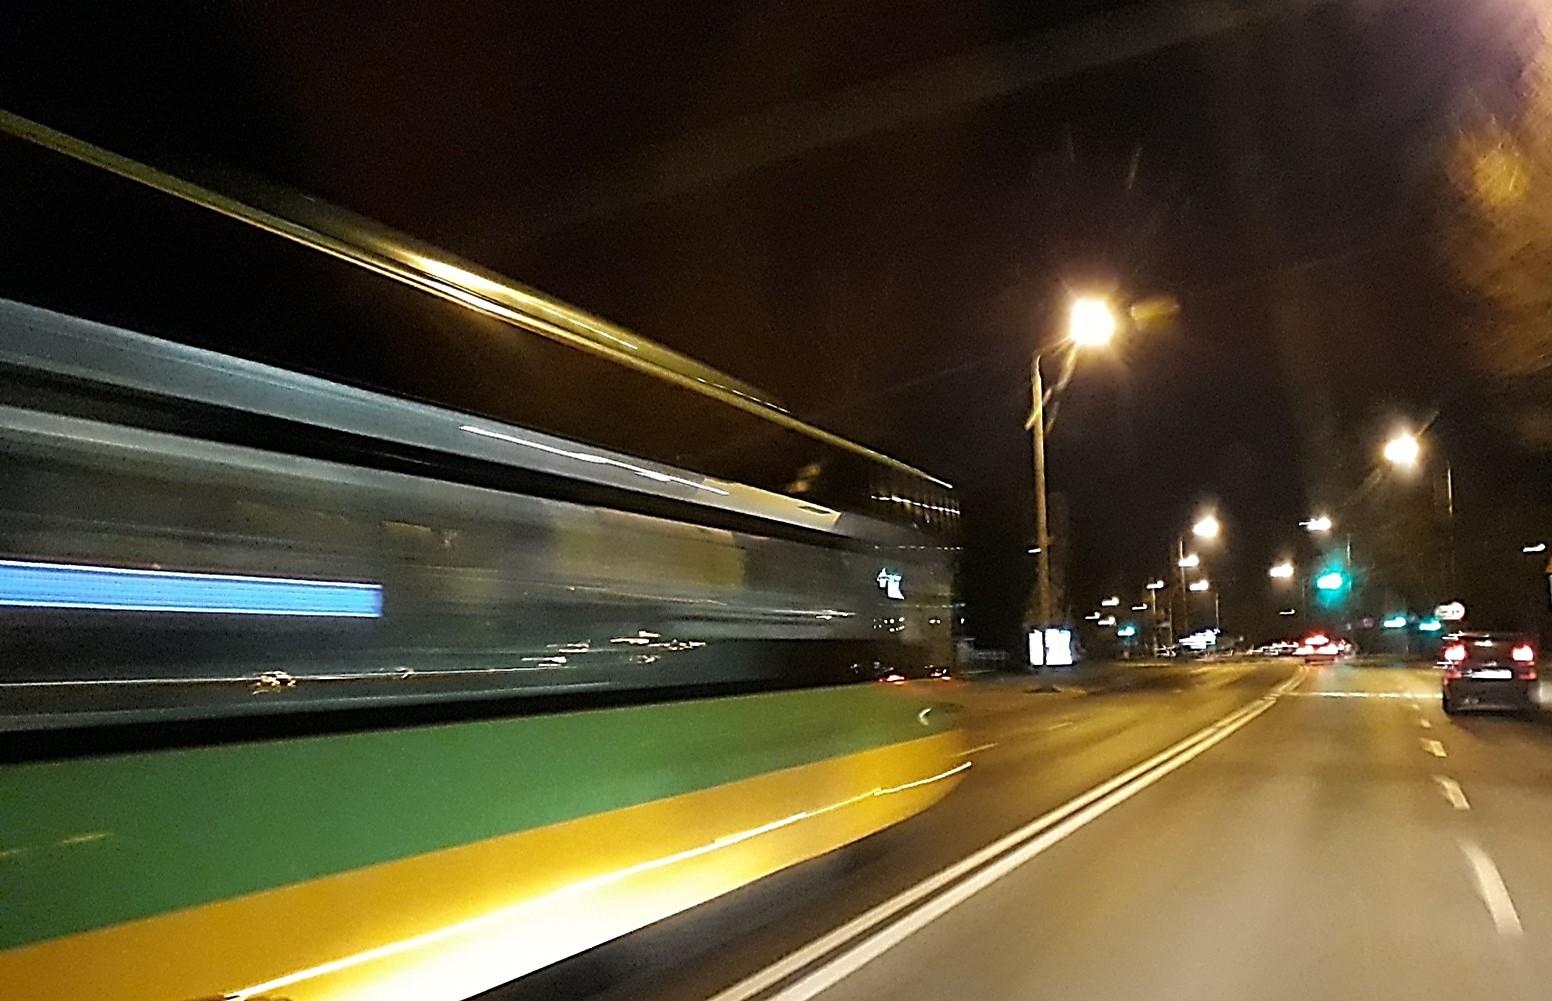 WAŻNE! W noc z 30 listopada na 1 grudnia 2018 autobusy linii nr 235 będą kursować stałą trasą